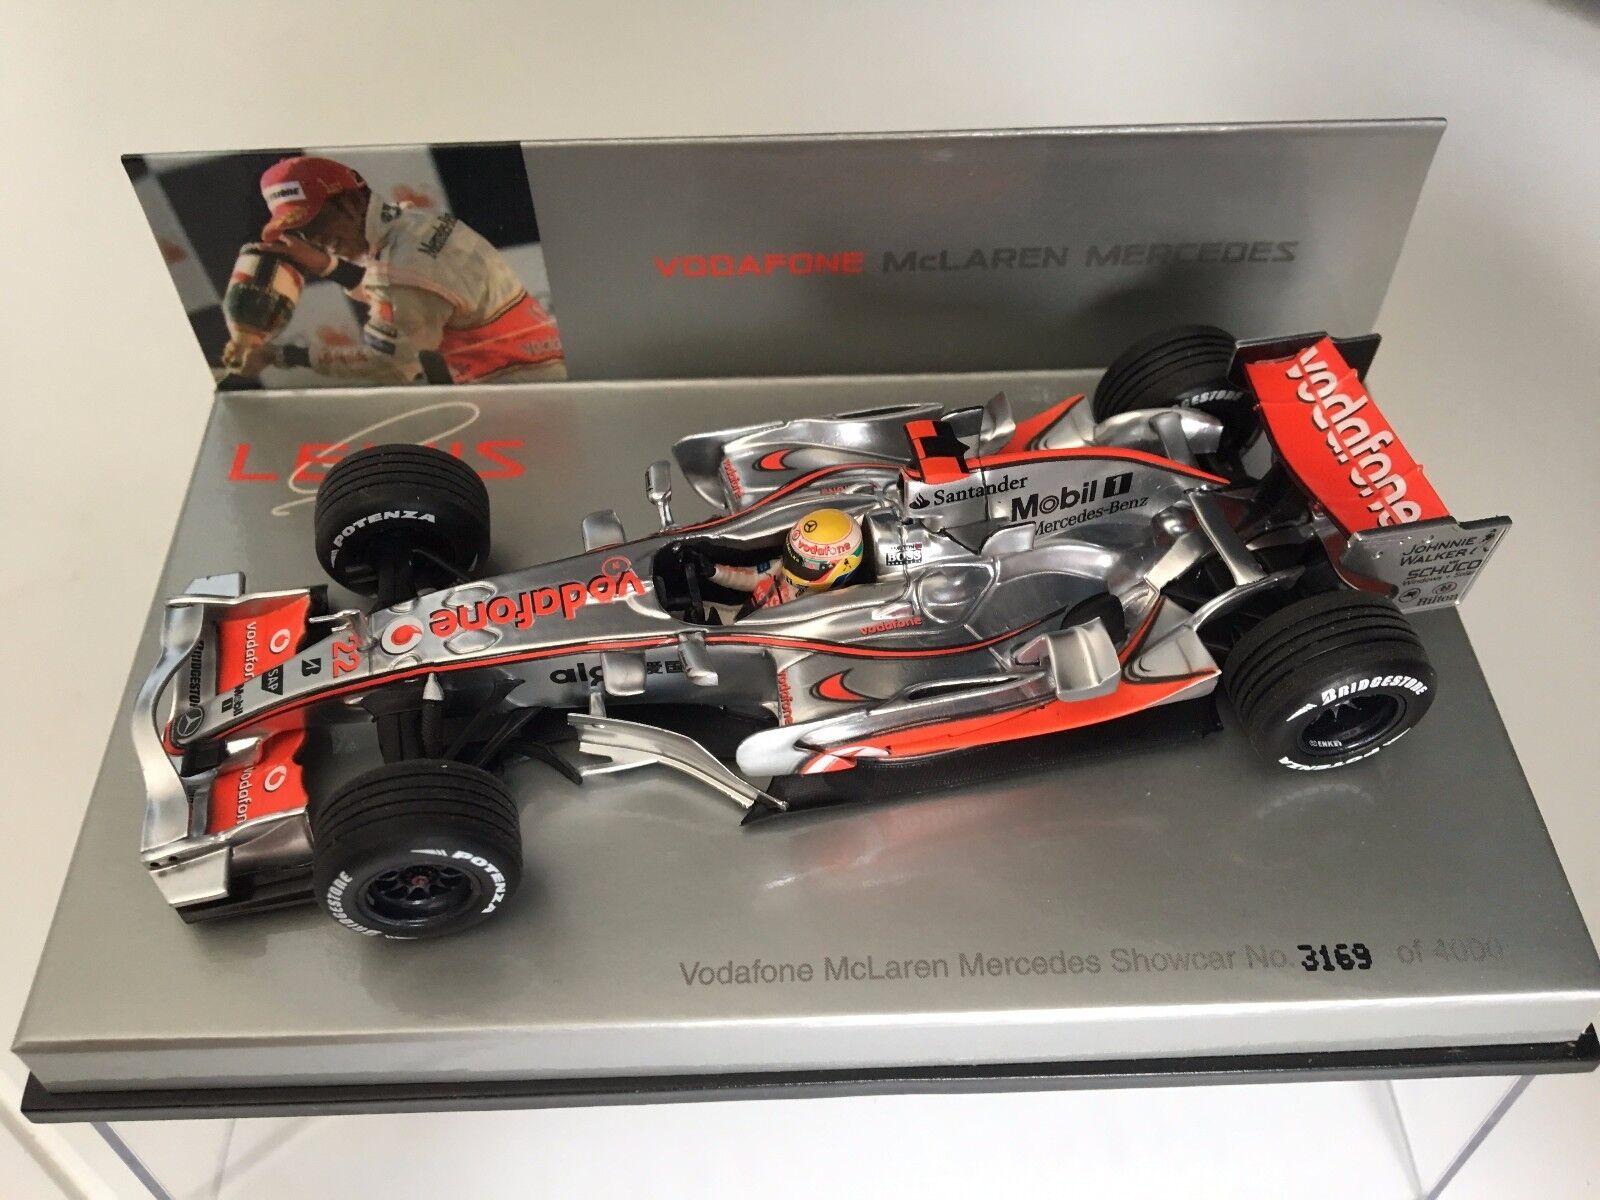 LEWIS HAMILTON - McLaren Mercedes MP 22 - Vodafone Edition - Minichamps 1 43